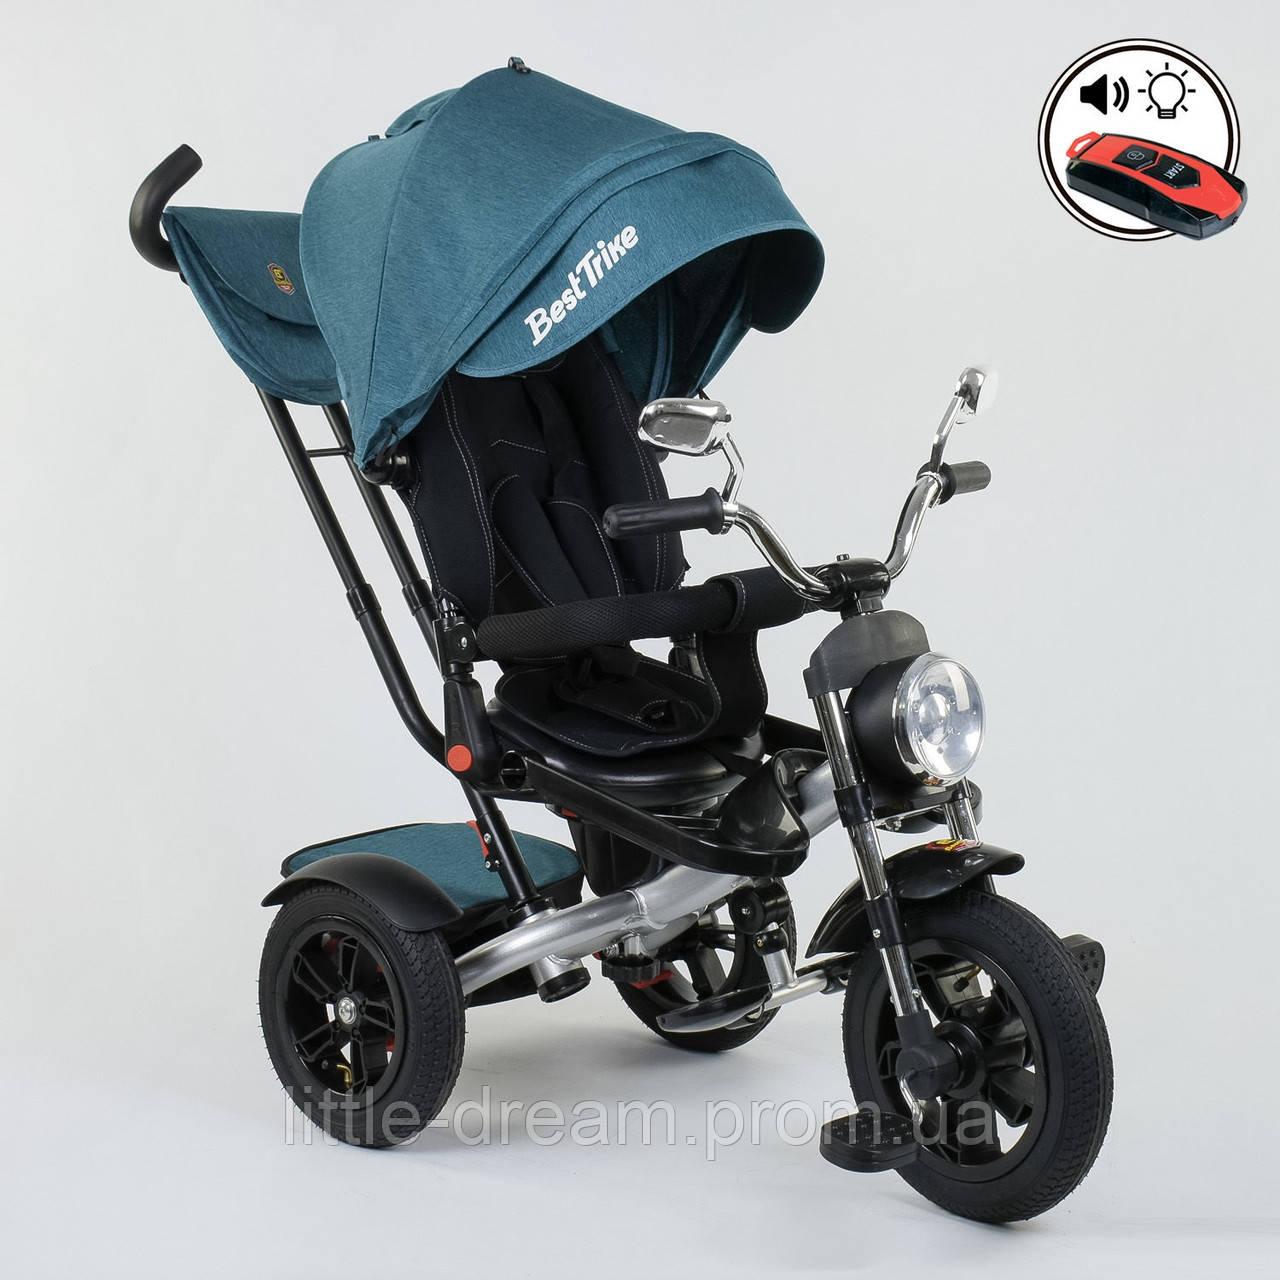 Велосипед 3-х колёсный Best Trike 4490 - 2209, поворотное сиденье, складной руль, русское озвучивание, надувные колеса, пульт включения звука и света